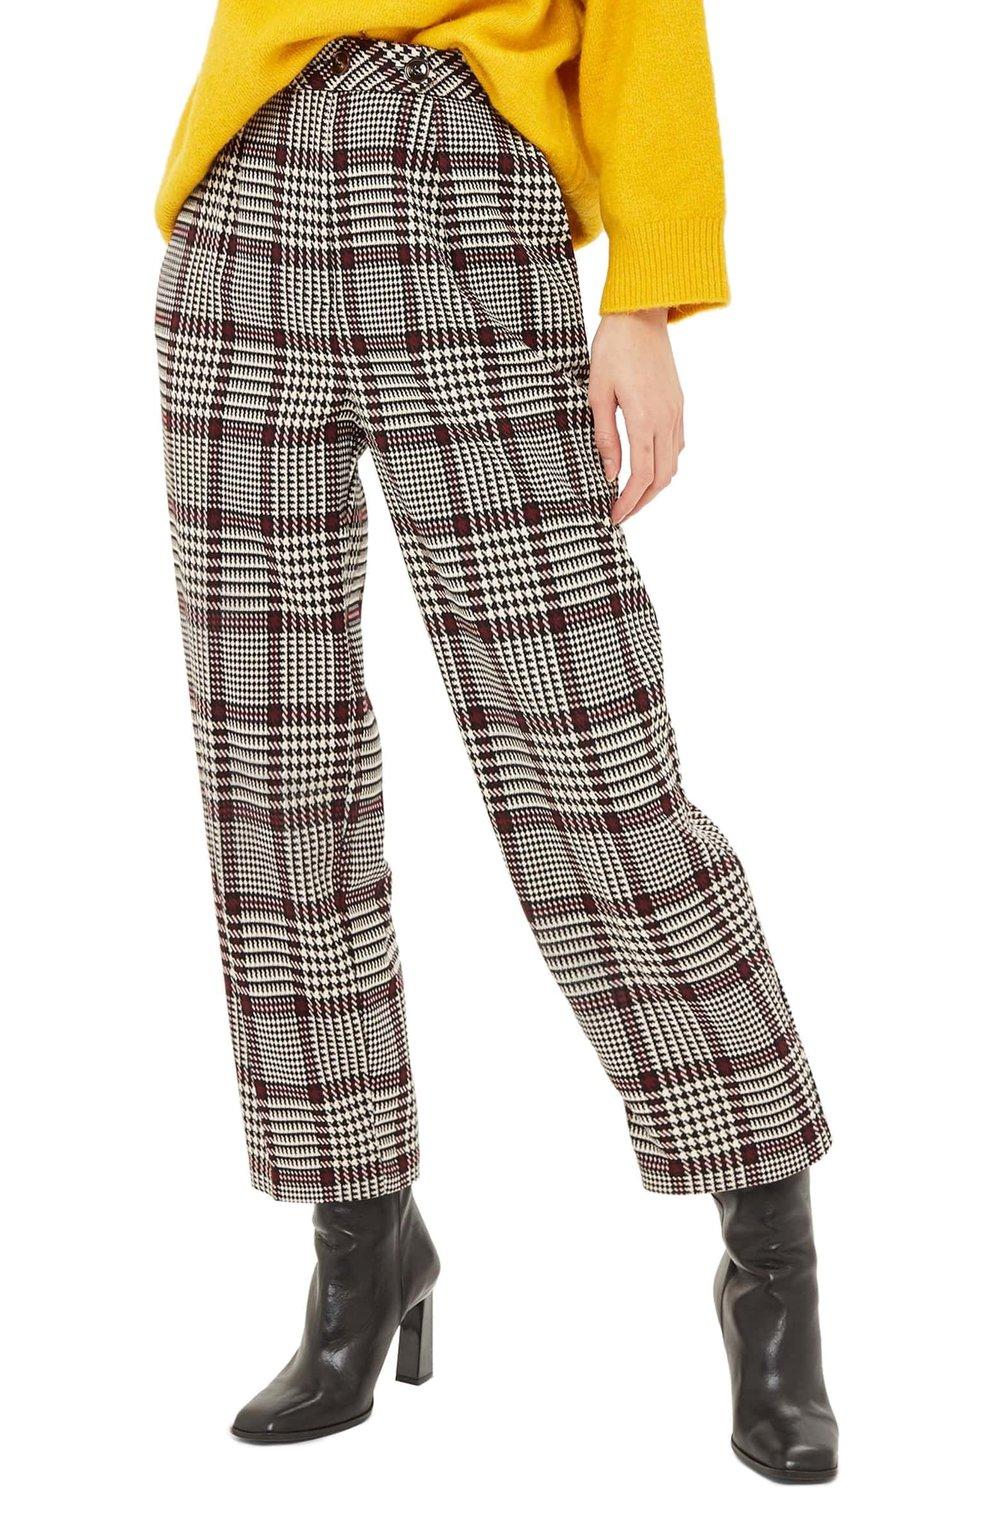 Suzy Check Peg Trousers